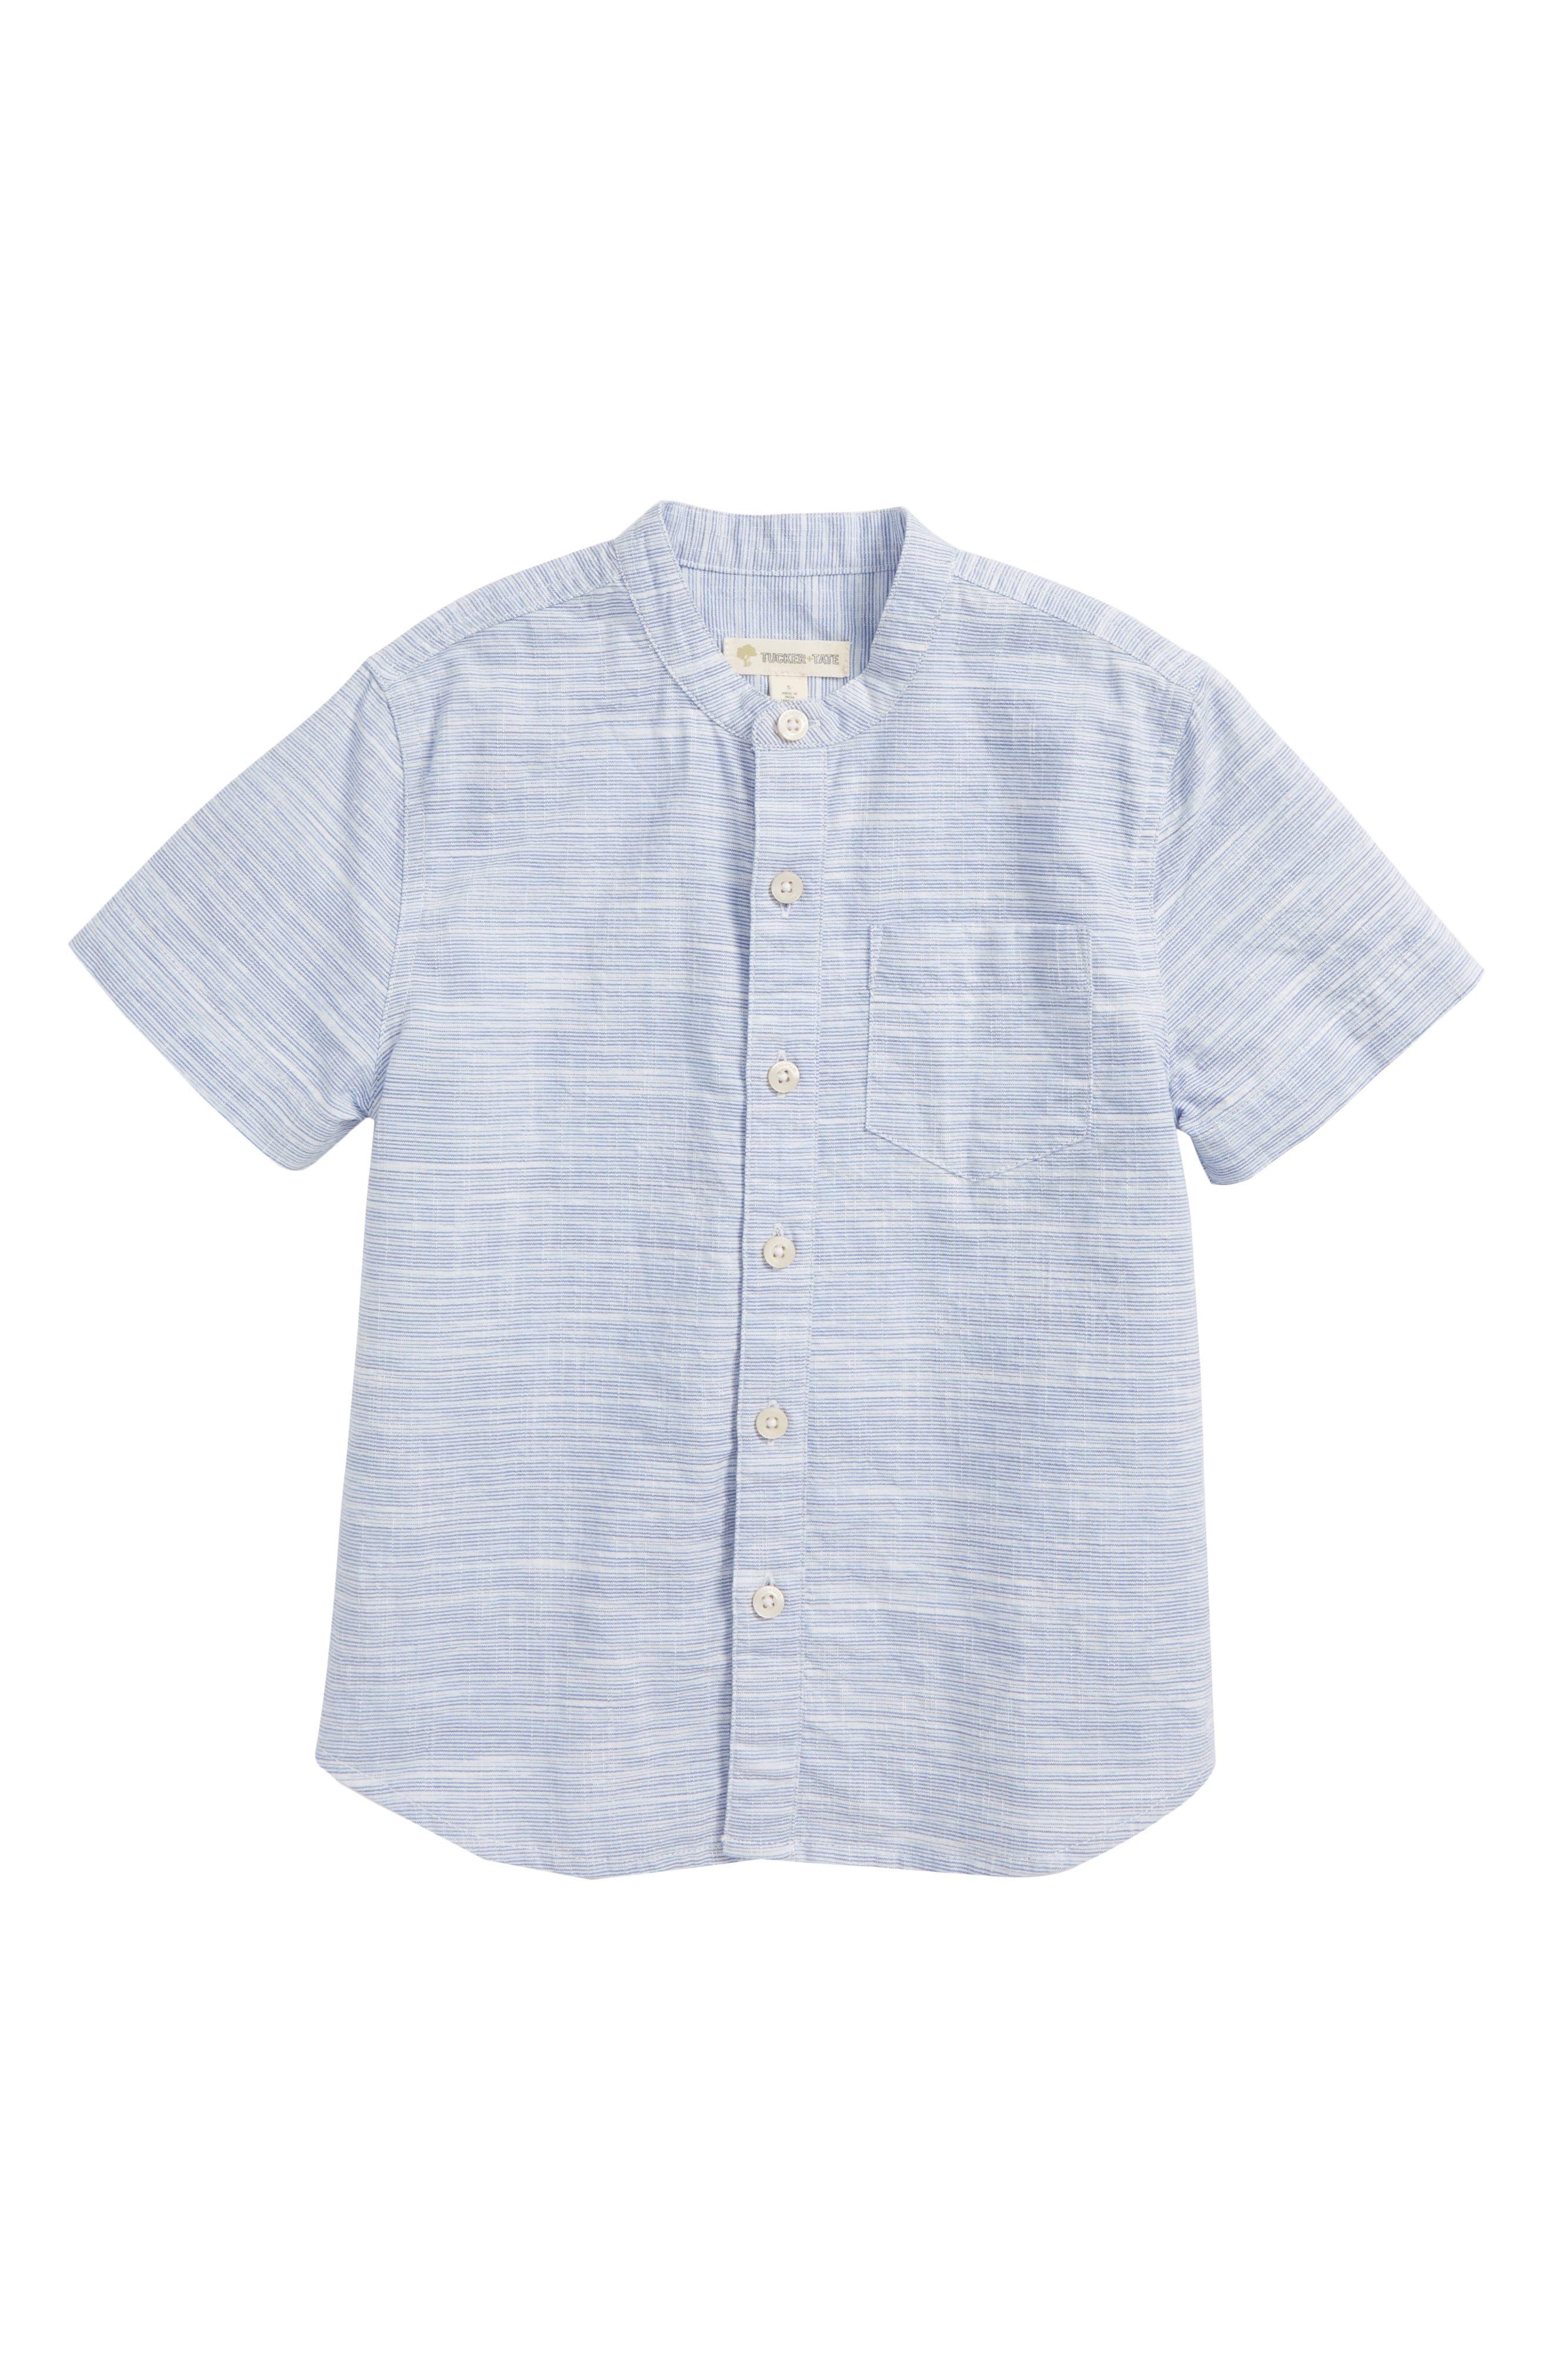 Tucker + Tate Woven Shirt (Toddler Boys & Little Boys)